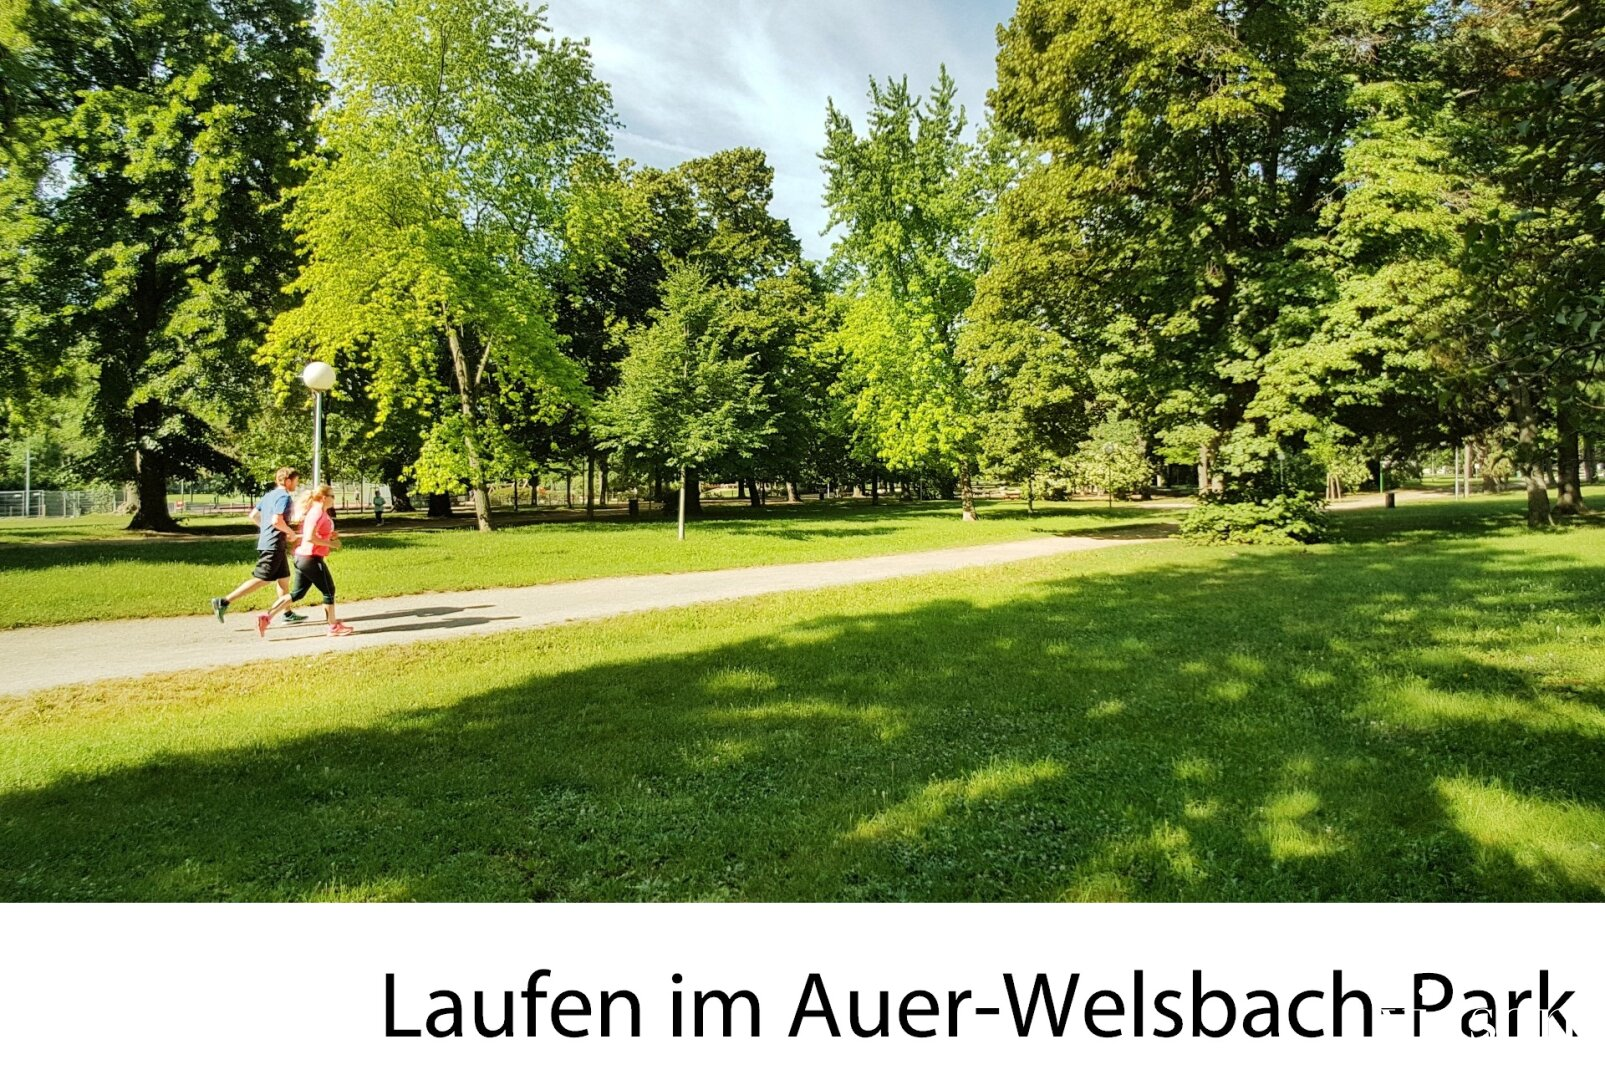 Laufen im Auer Welsbach Park